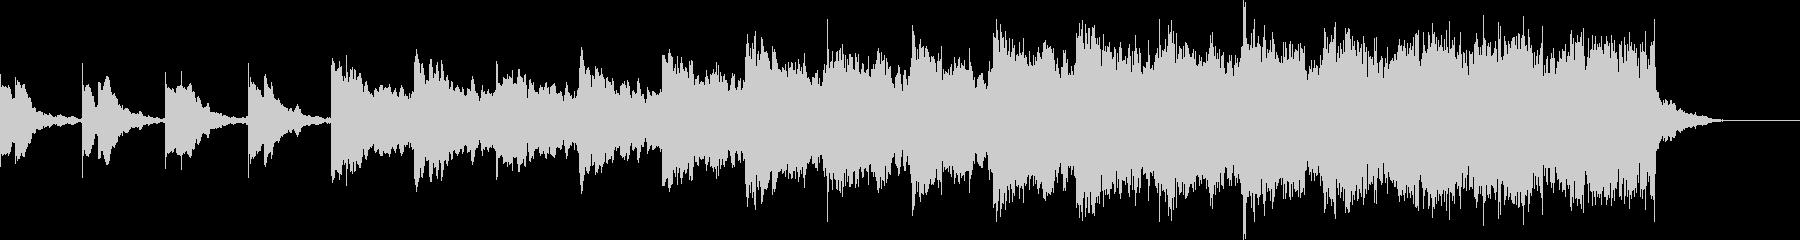 ショートBGM、ダークロックの未再生の波形